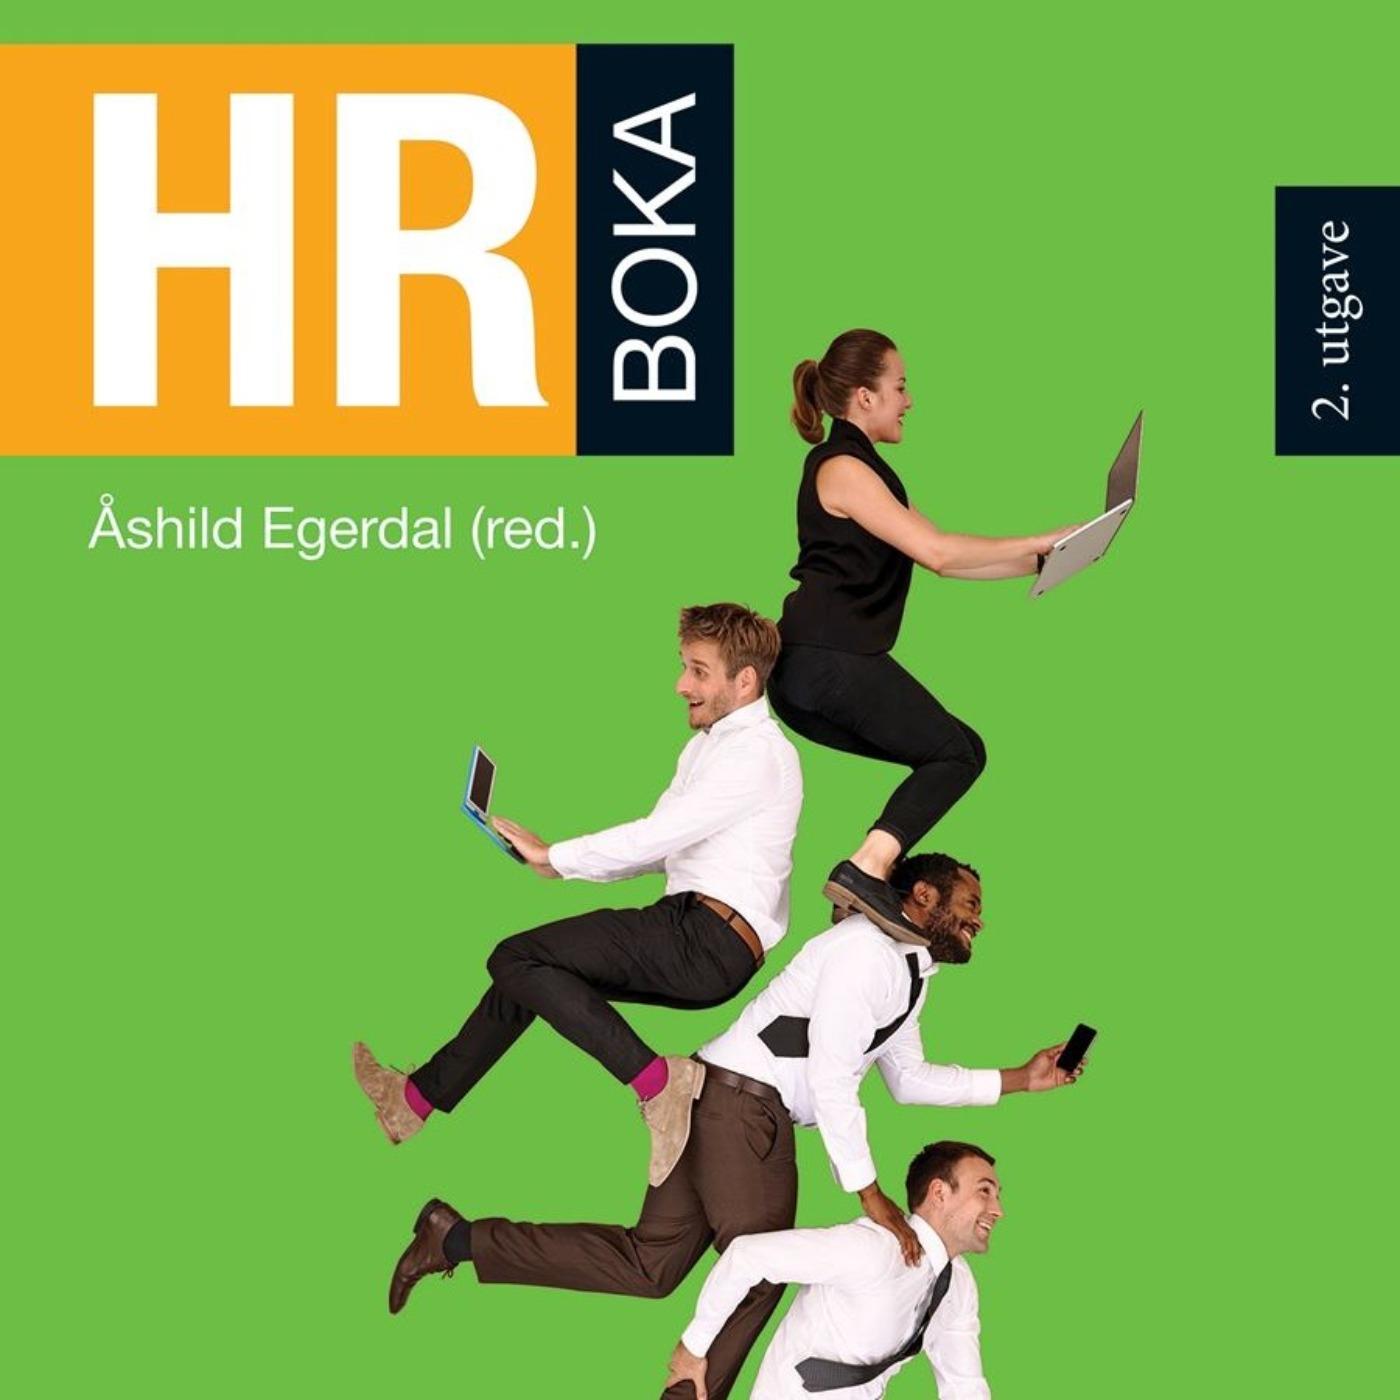 HR-boka